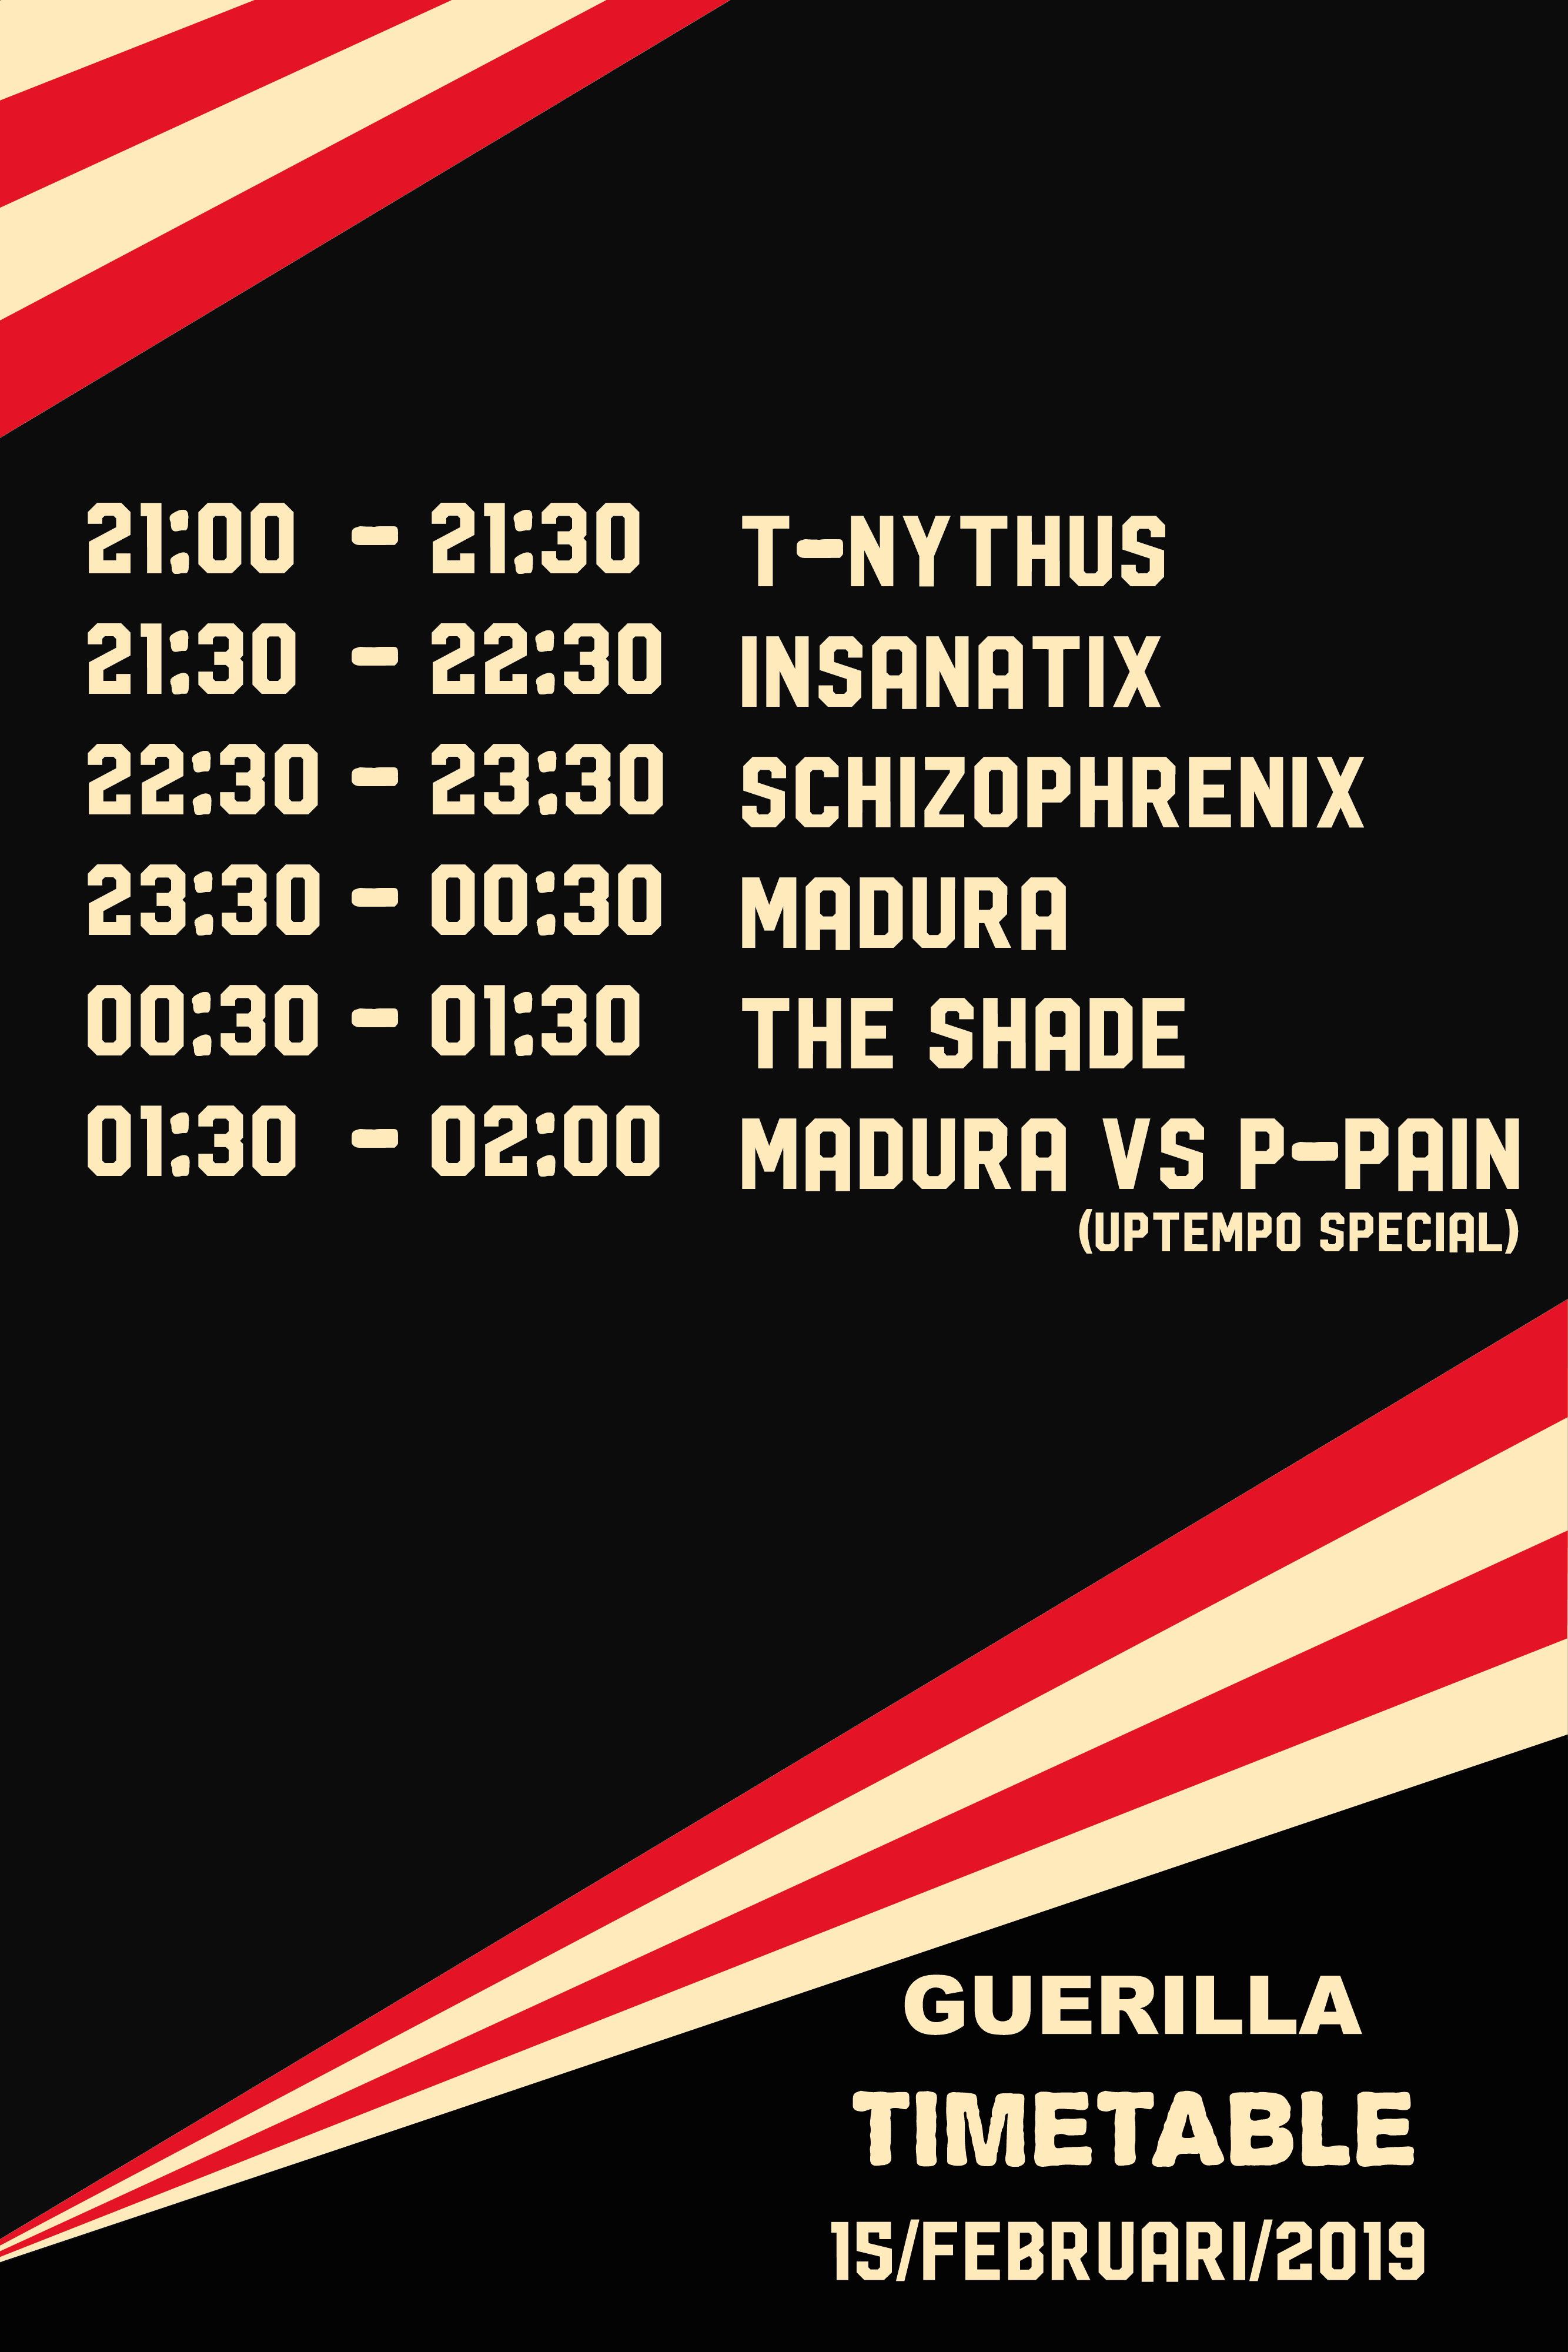 Guerilla Timetable